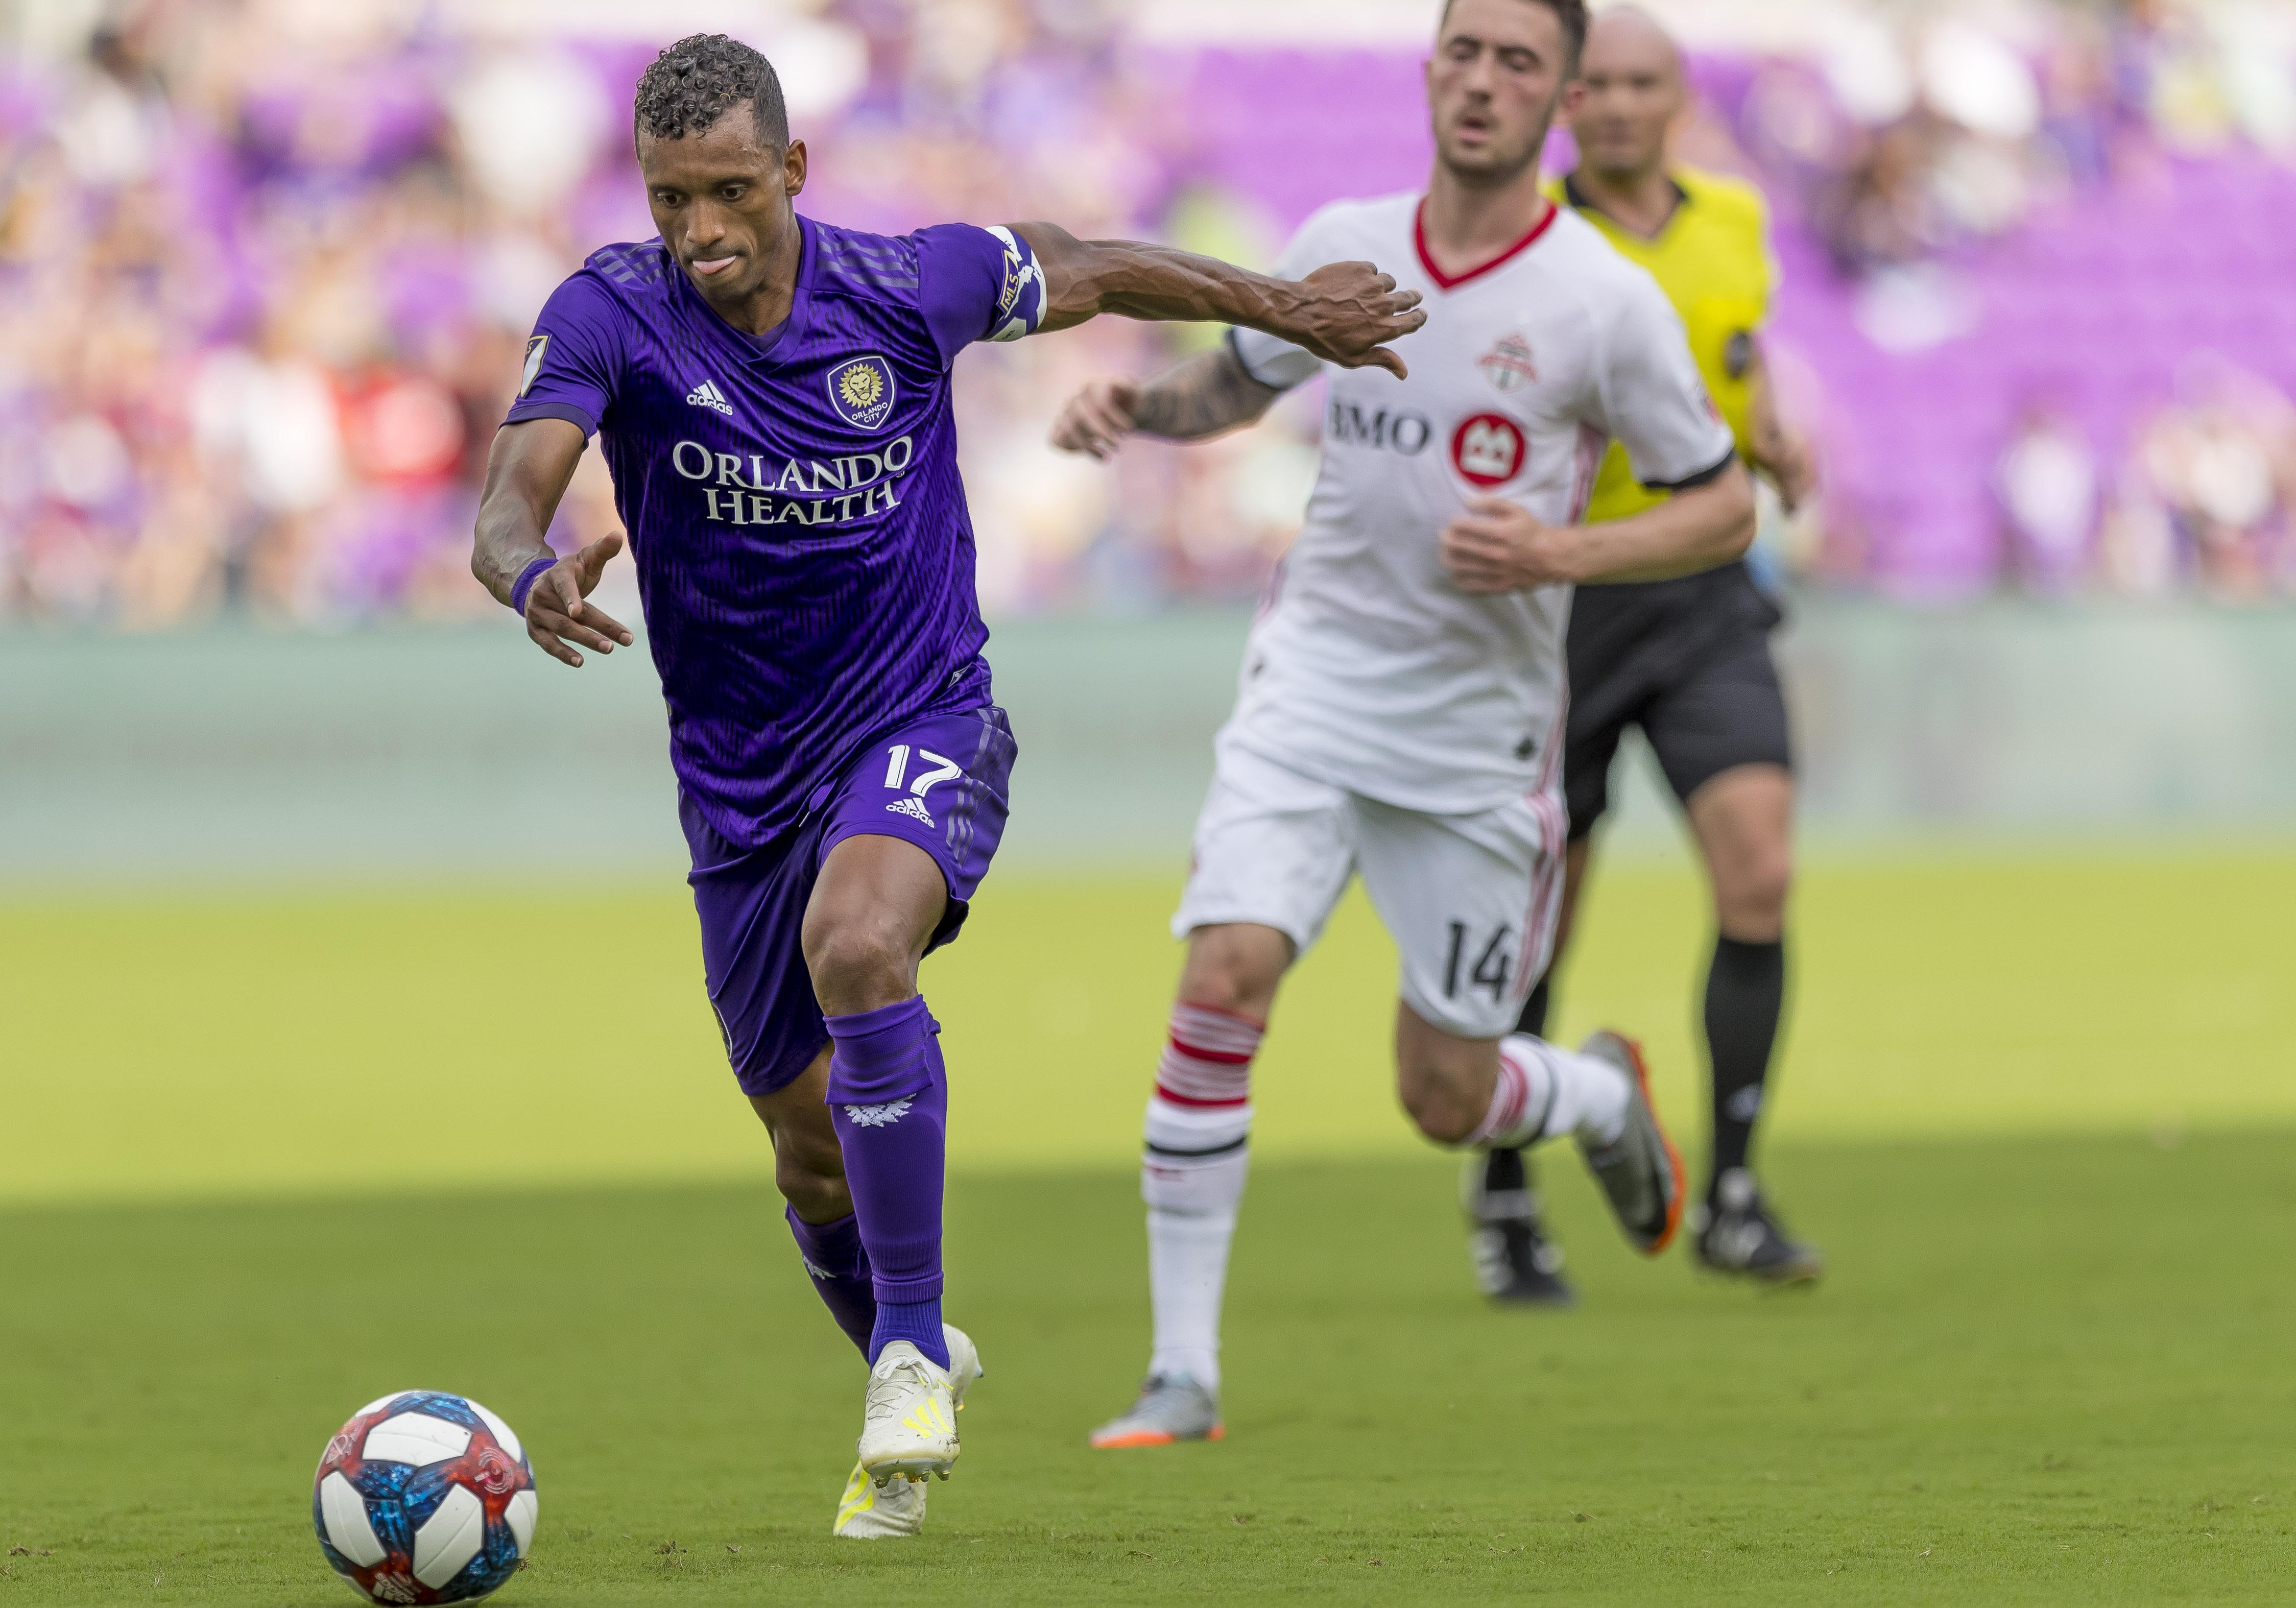 SOCCER: MAY 04 MLS - Toronto FC at Orlando City SC